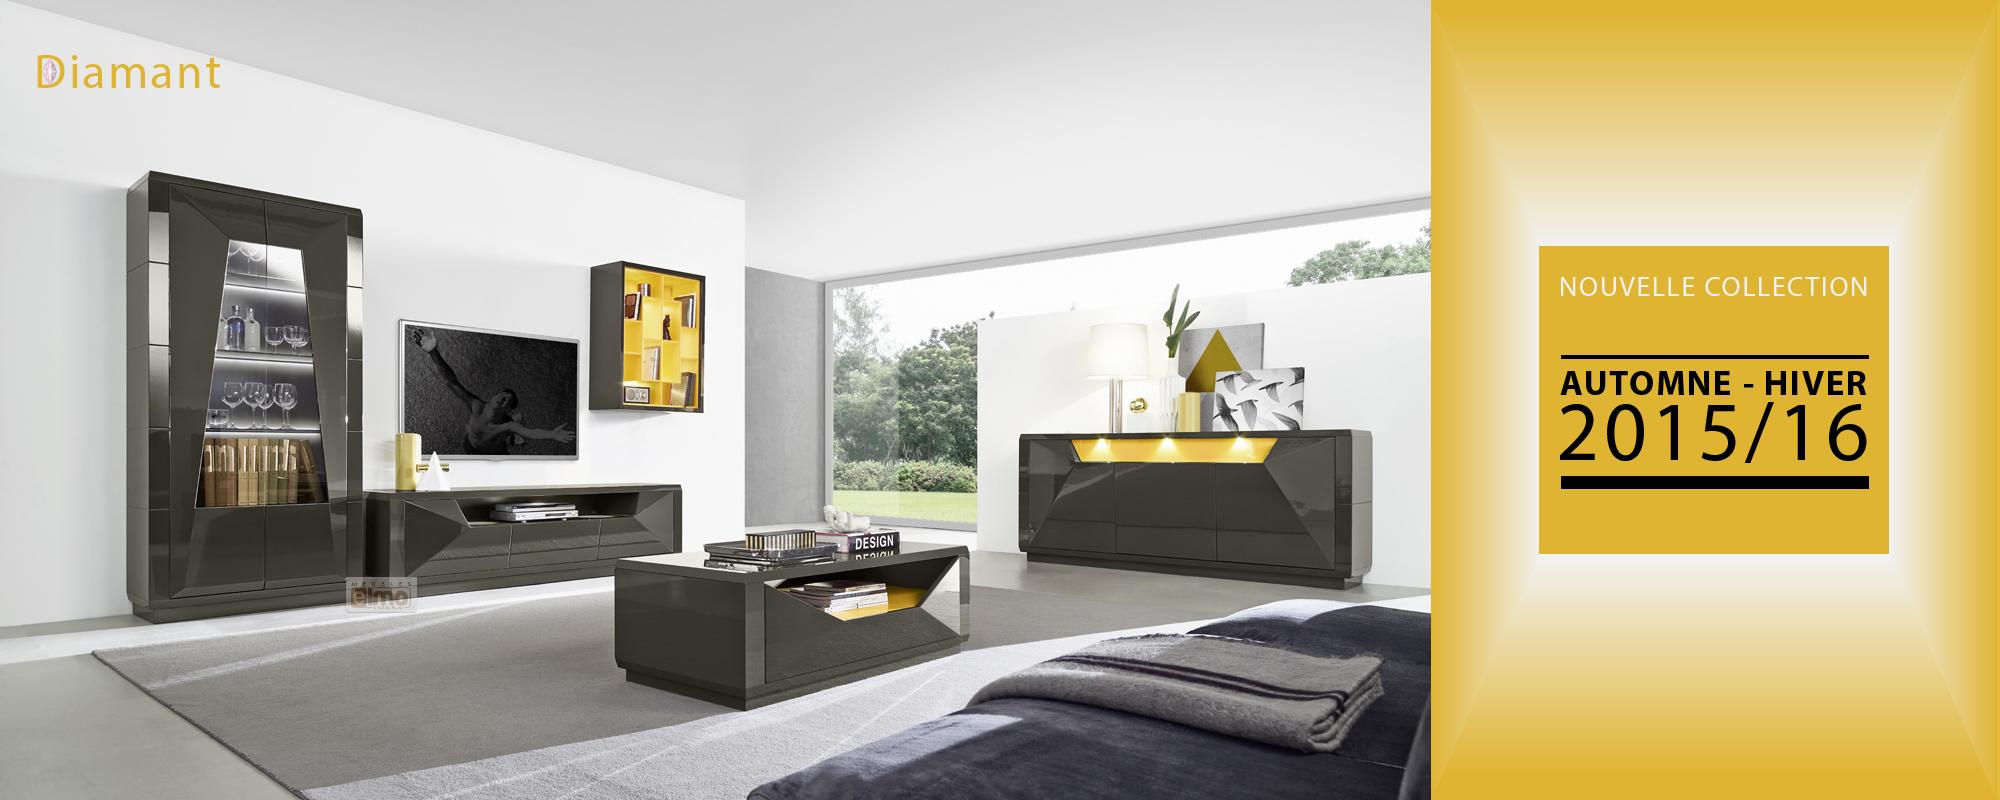 Meubles portugais : ambiance salon design